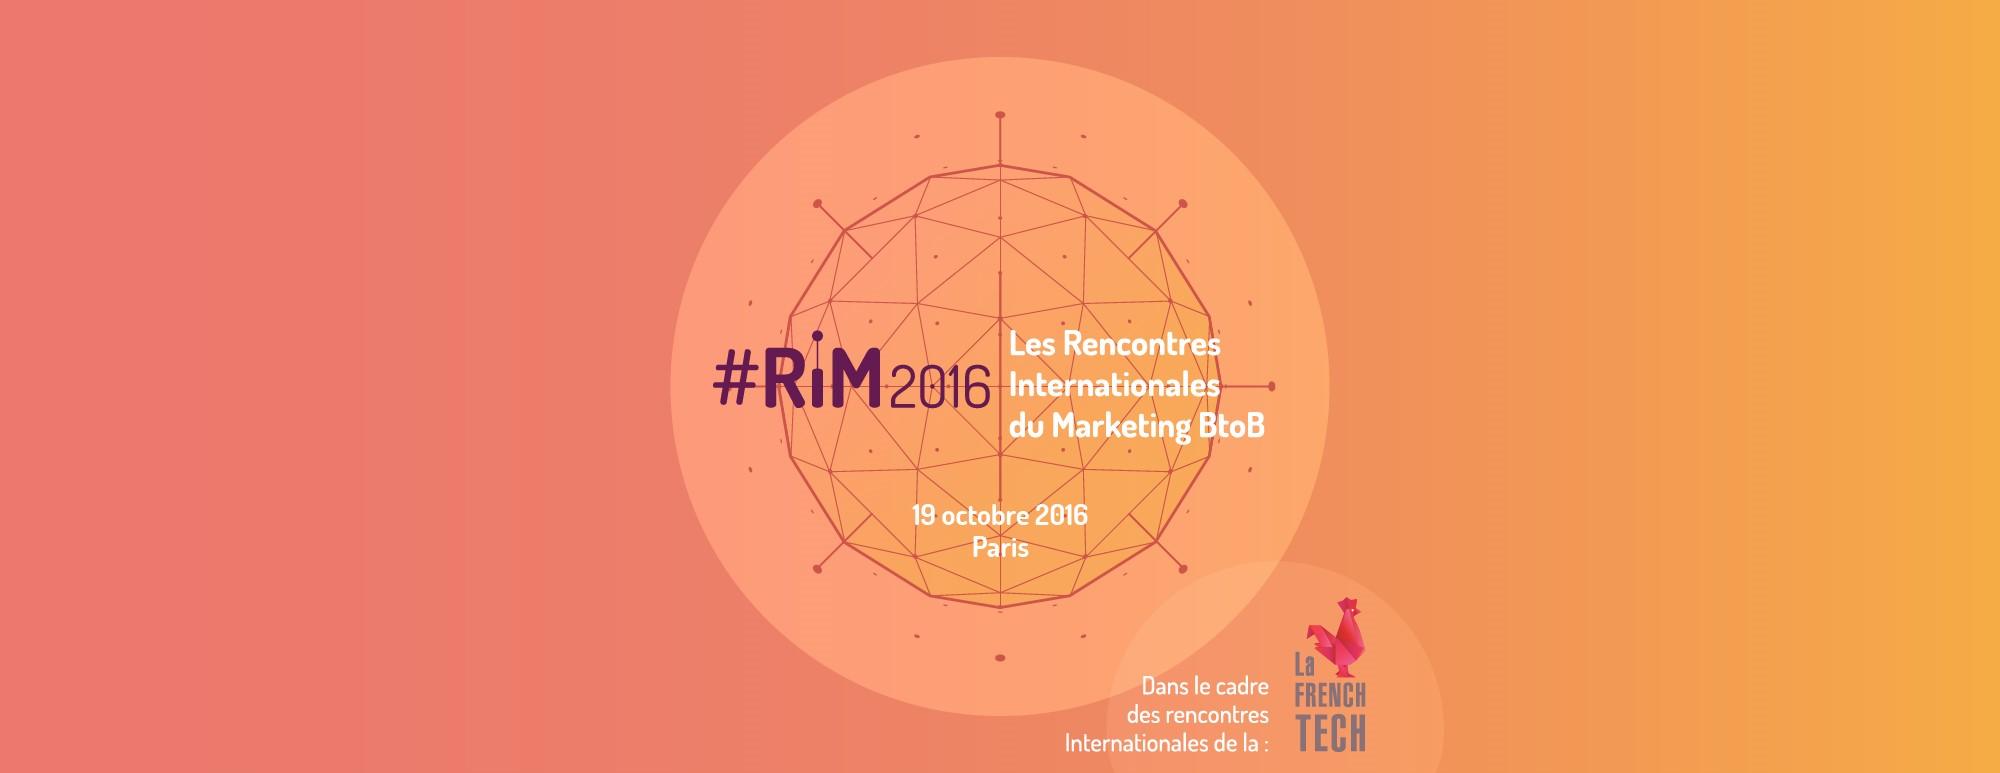 rim-2016